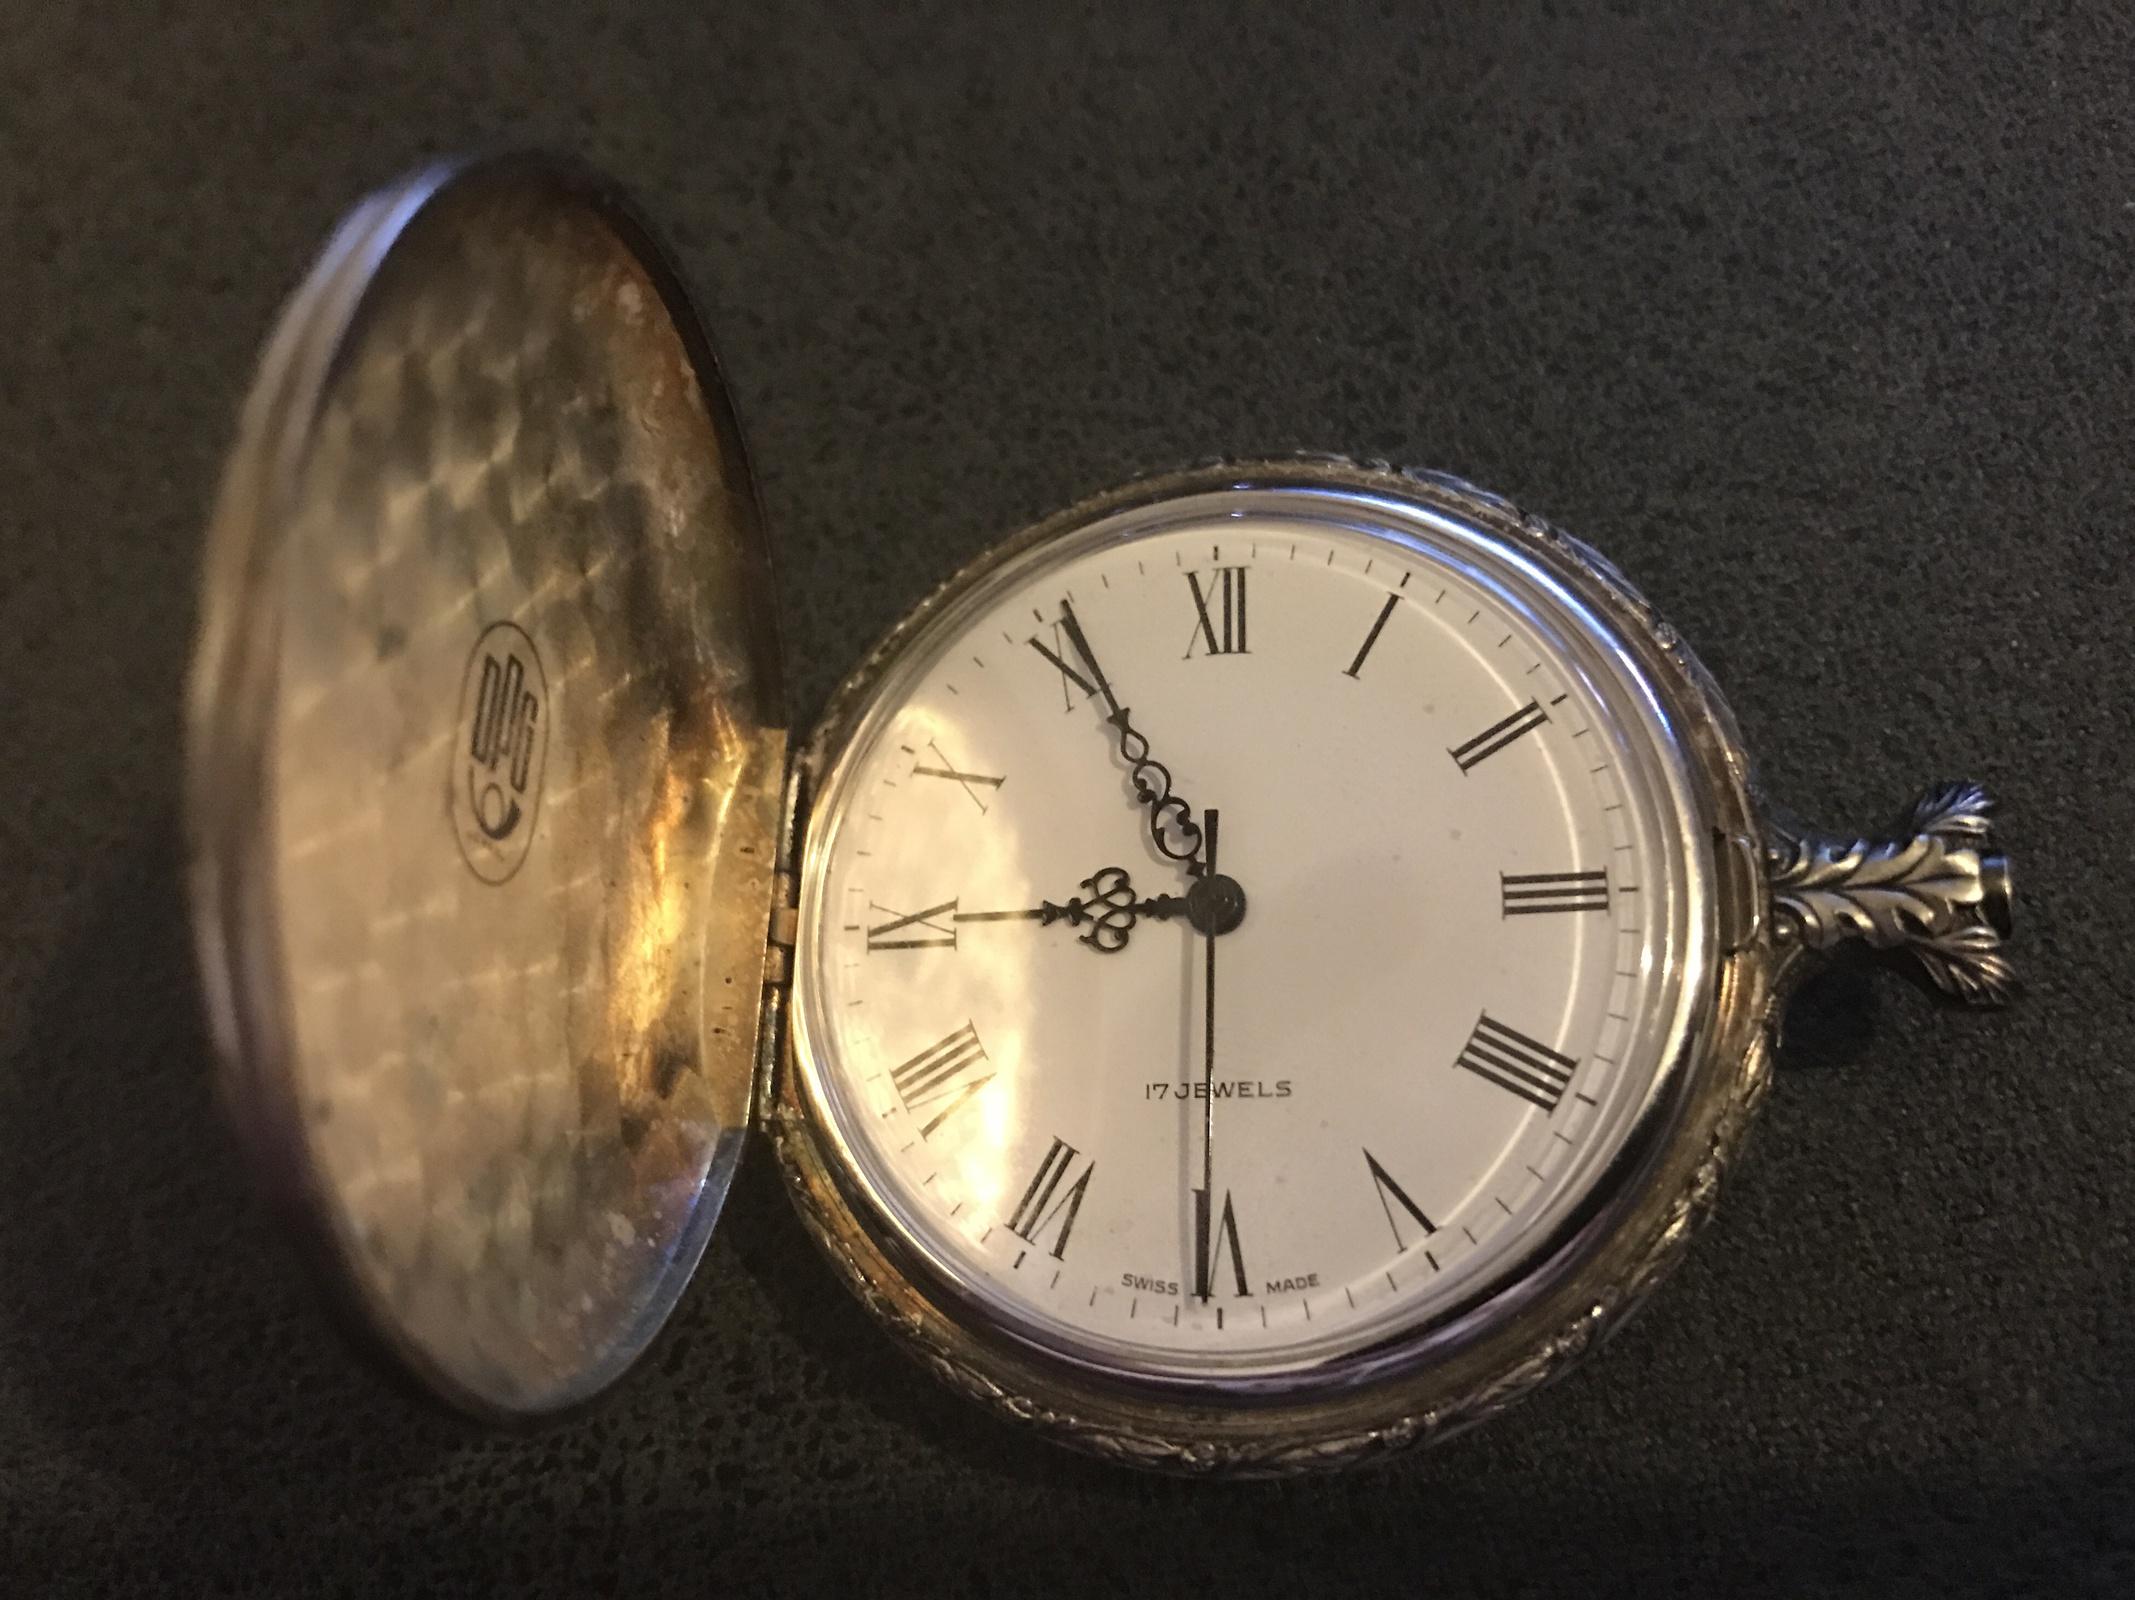 Taschenuhren modern  Uhrenbestimmung - defekte Taschenuhr von Großvater gefunden - UhrForum